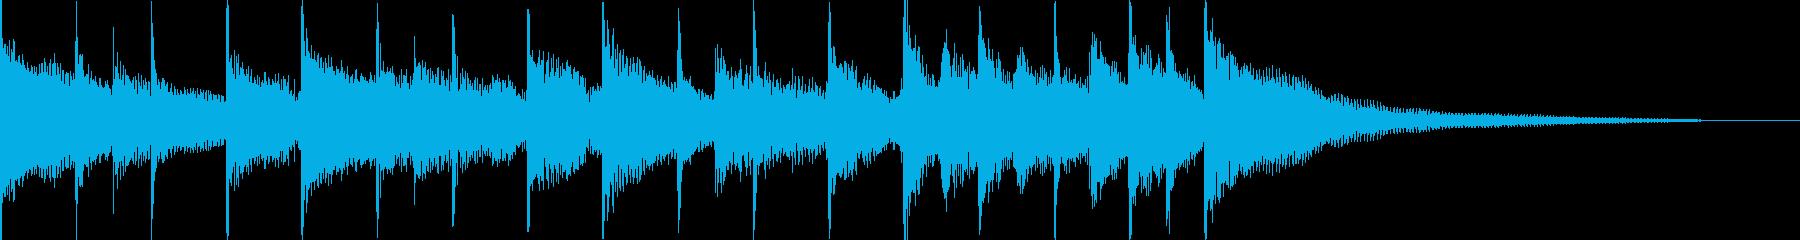 ギター、グロッケンシュピール、ピア...の再生済みの波形